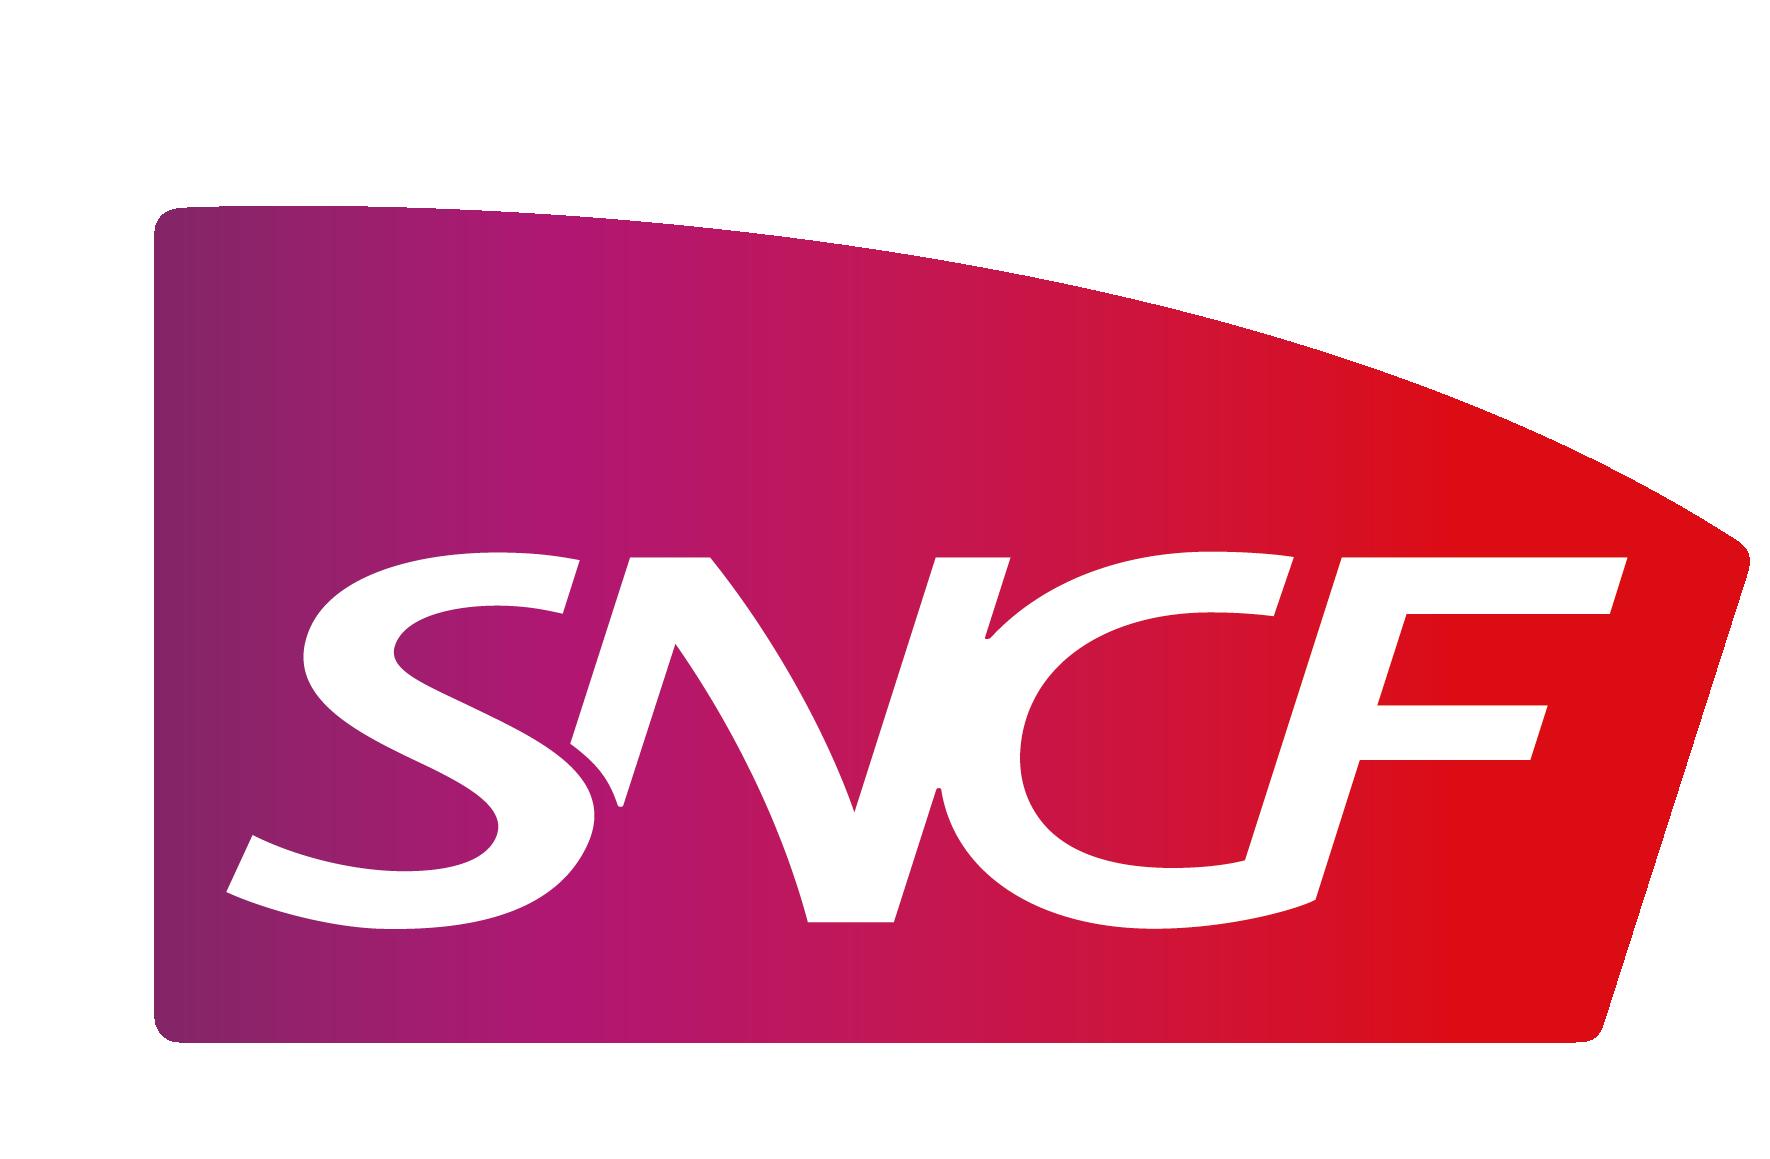 Pierre Yokel a collaboré sur des films institutionnels pour SNCF